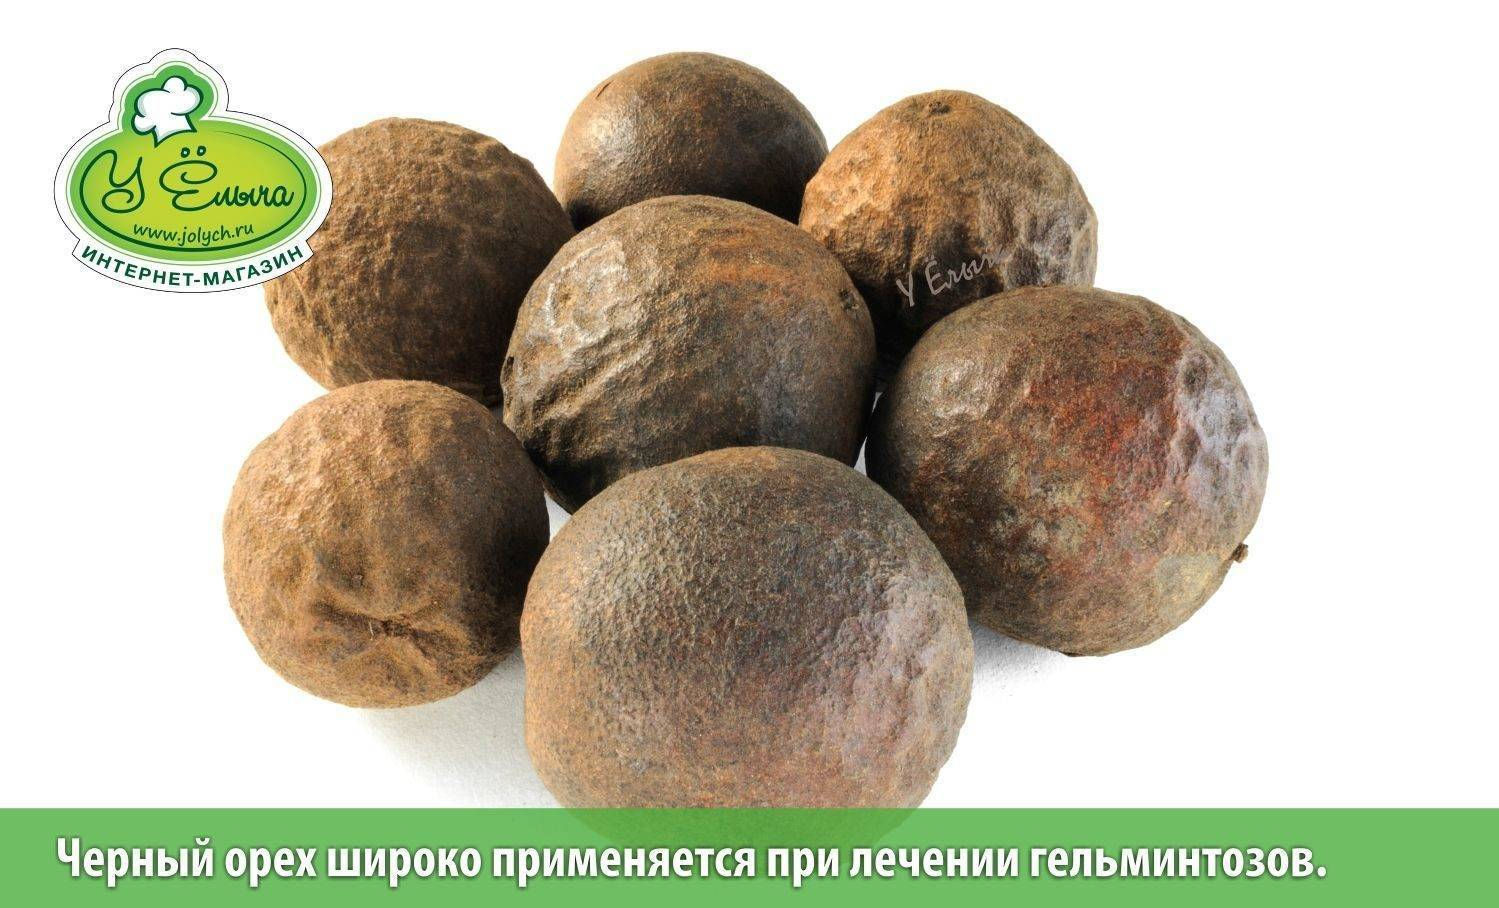 Польза и вред настойки черного ореха